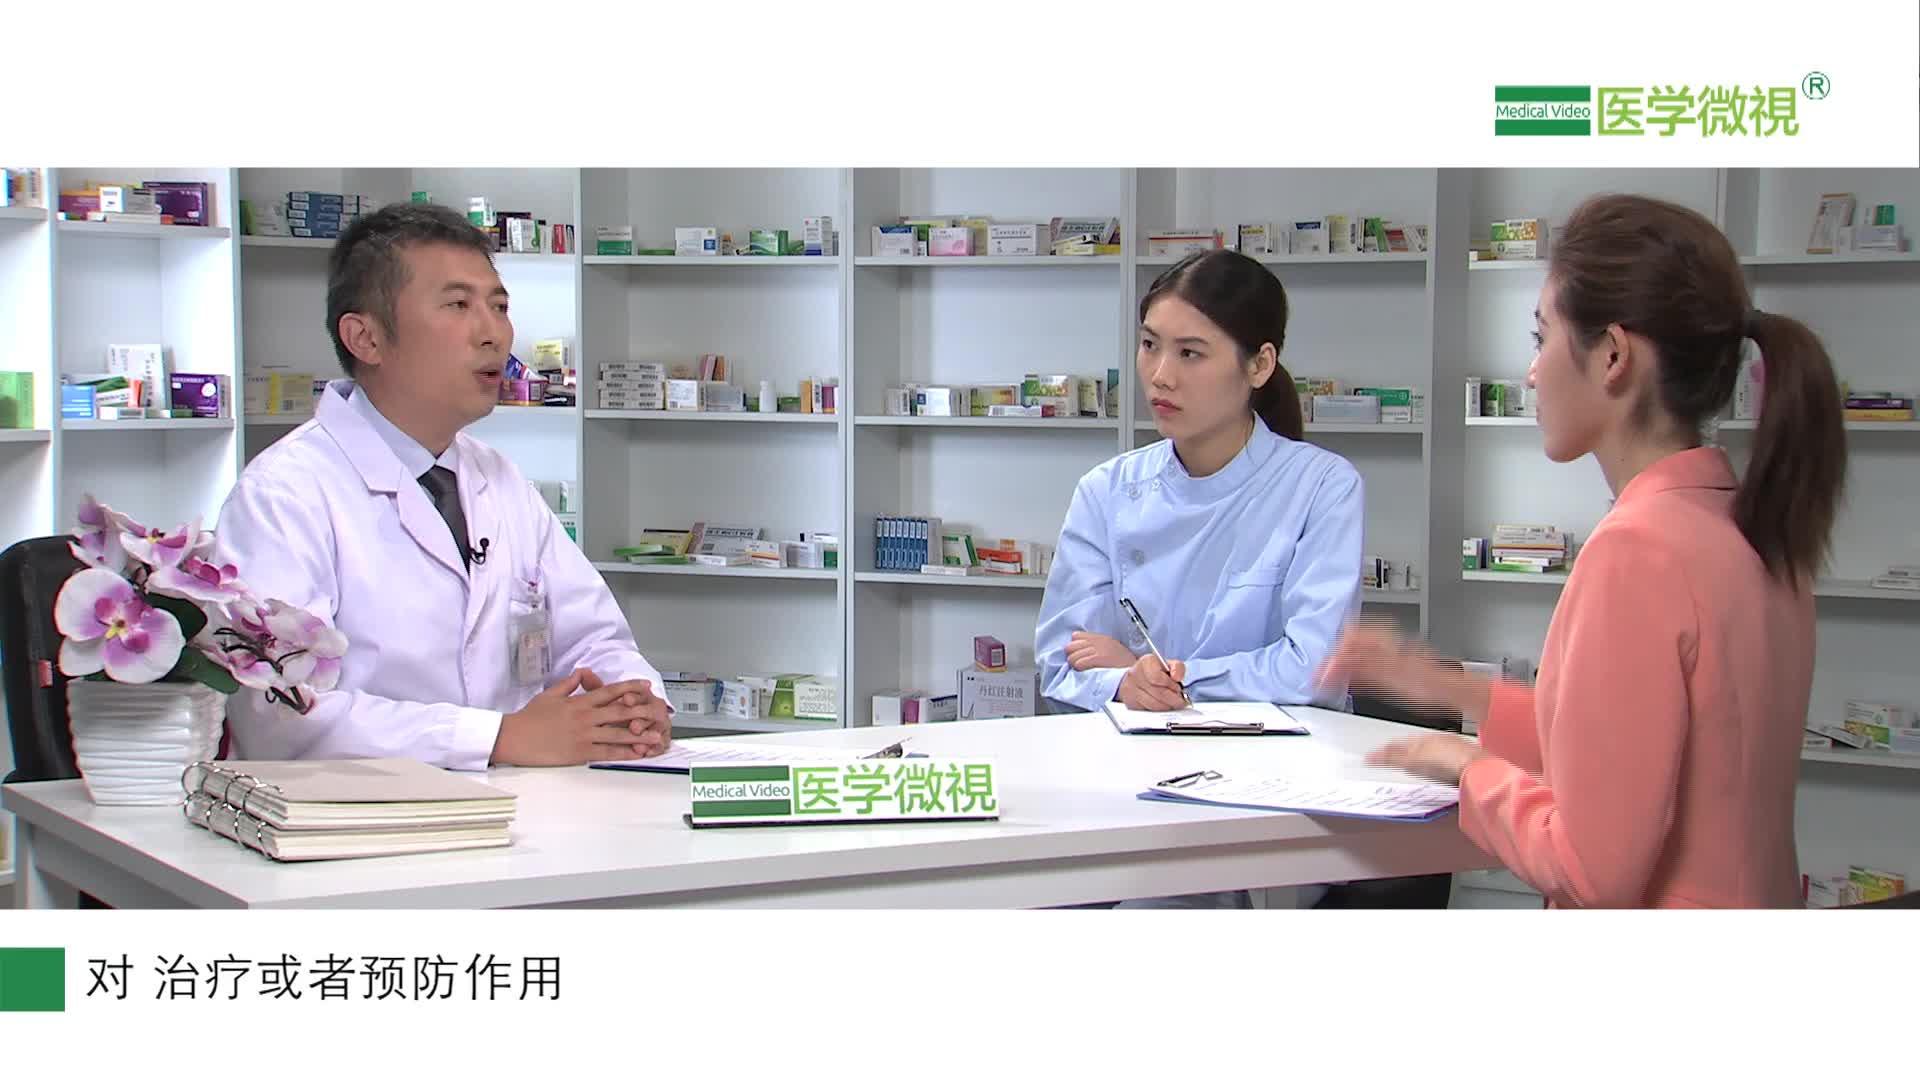 阿托伐他汀片(阿托伐他汀鈣片)能治療哪些疾???可以補鈣嗎?功效?